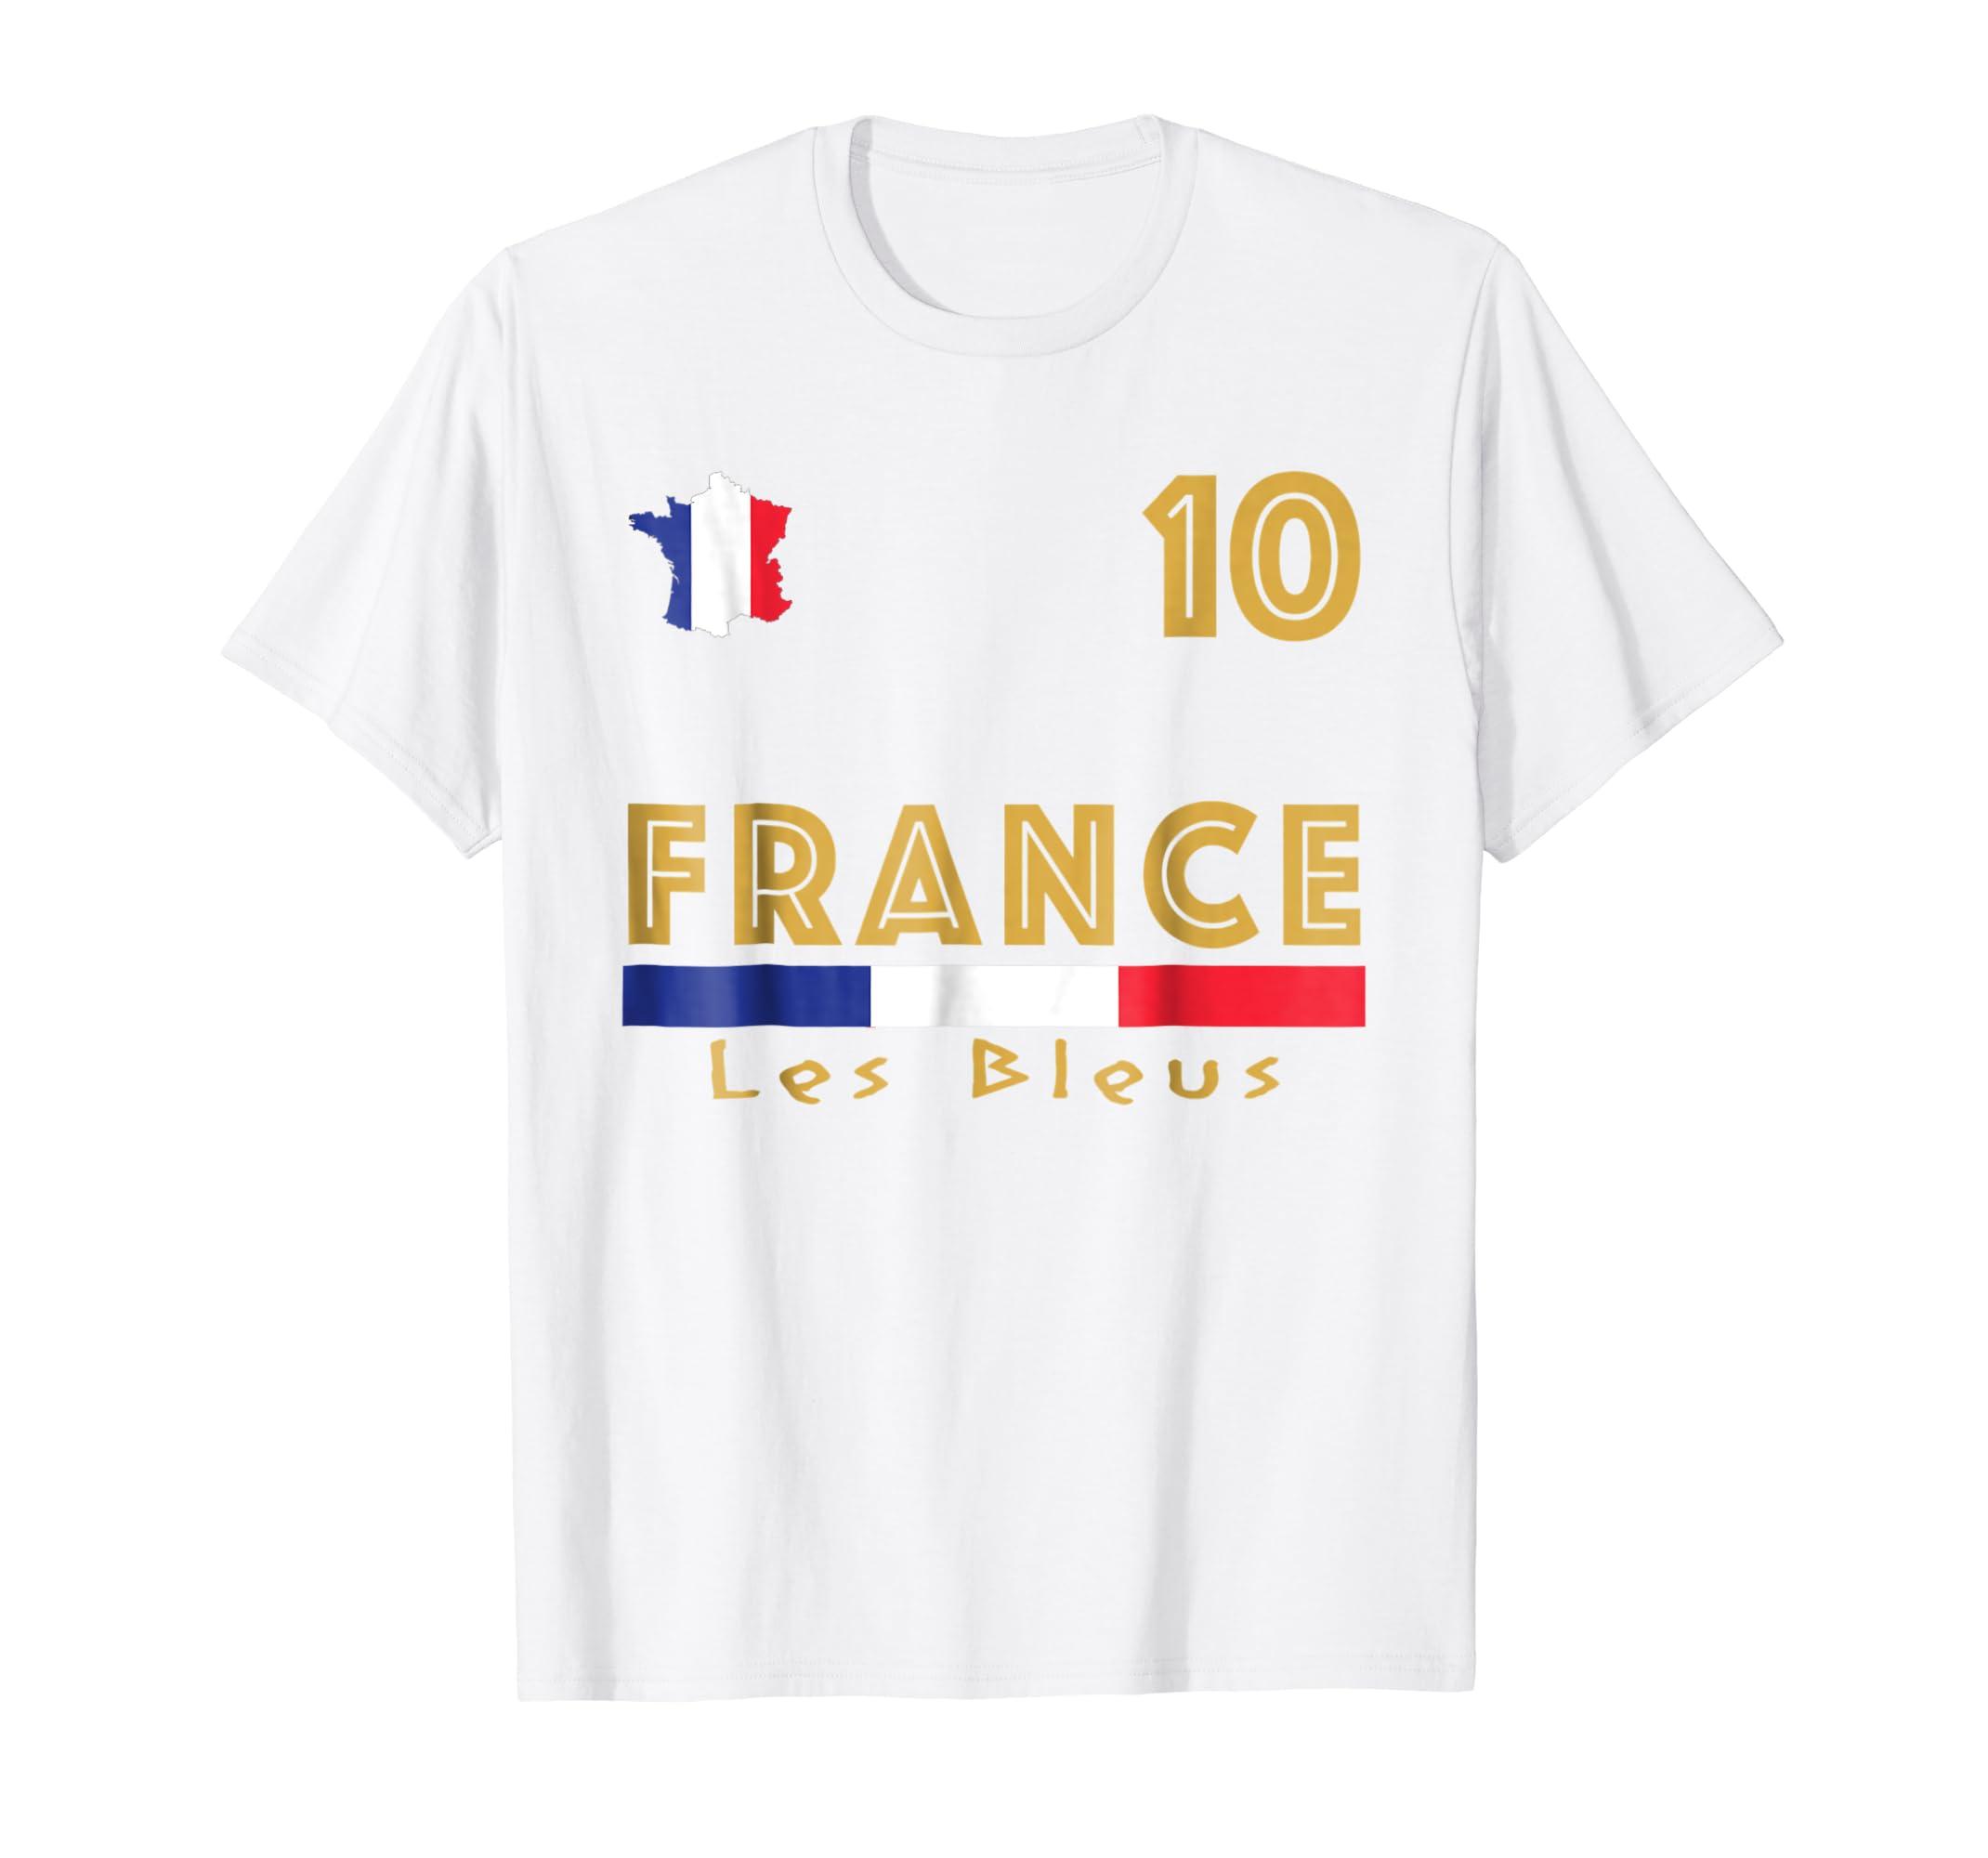 suosittu tuotemerkki lika halpaa myynti Yhdysvalloissa verkossa France Soccer Jersey 2018 World Football Cup Shirt Flag Gift-fa — Kuxovo